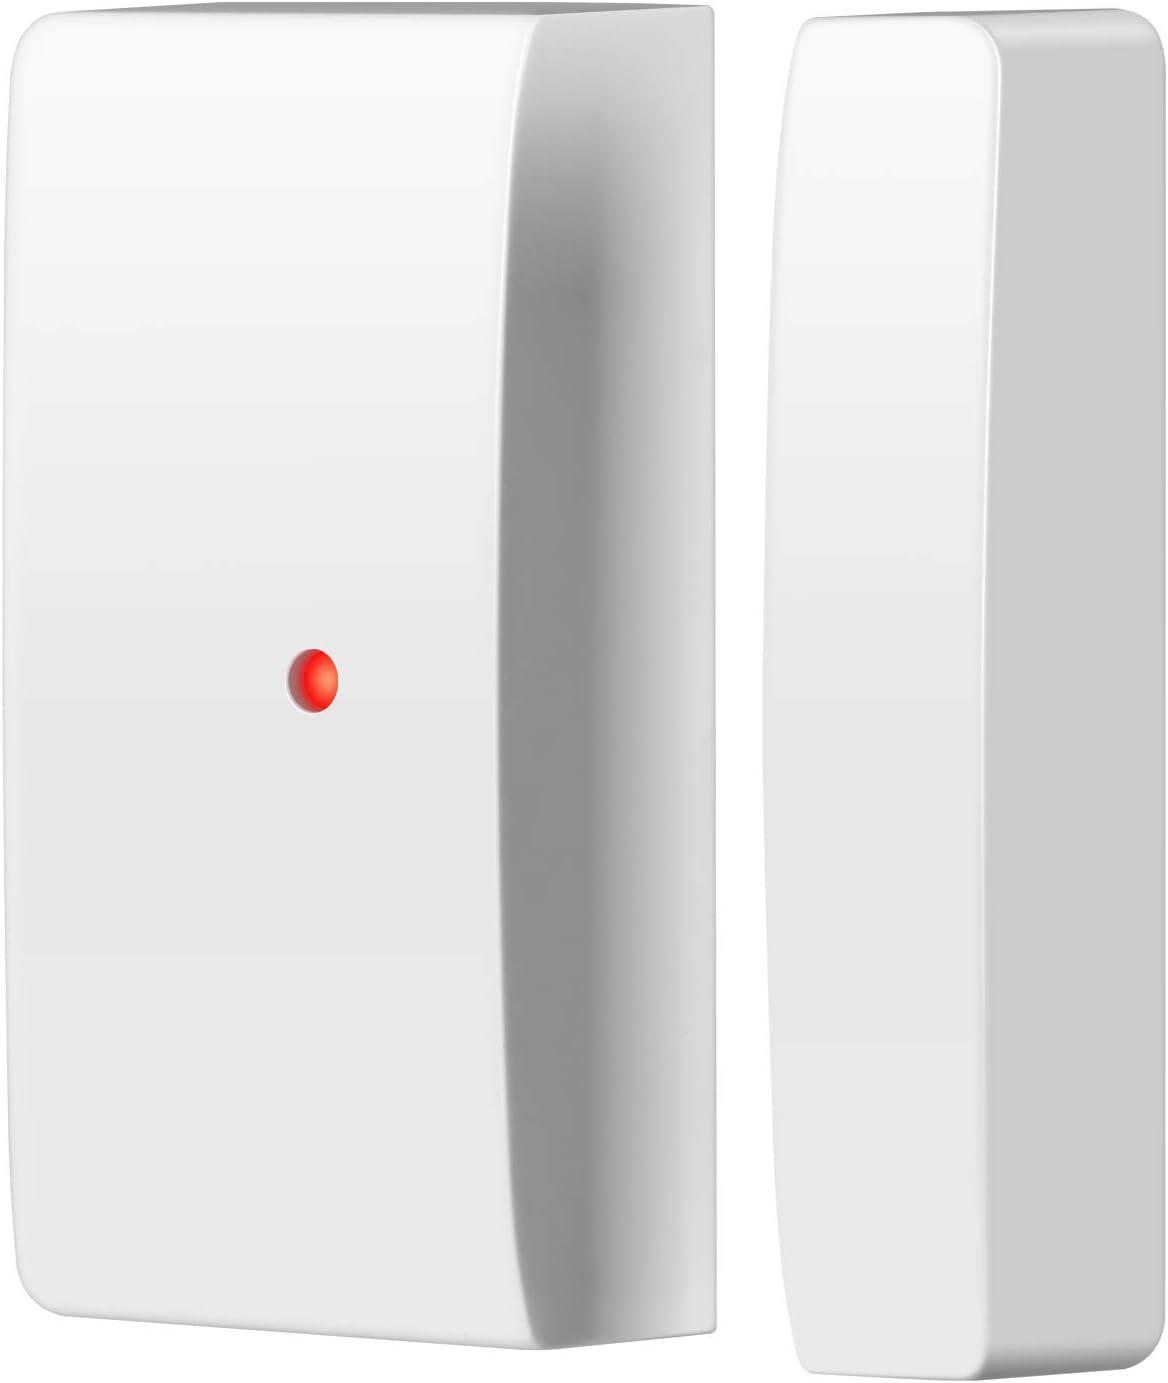 Freezer Door Alarm, briidea Fridge Alarm when Left Open with 60/120/180 Seconds Delay Alert Refrigerator Door Alarm Reminders